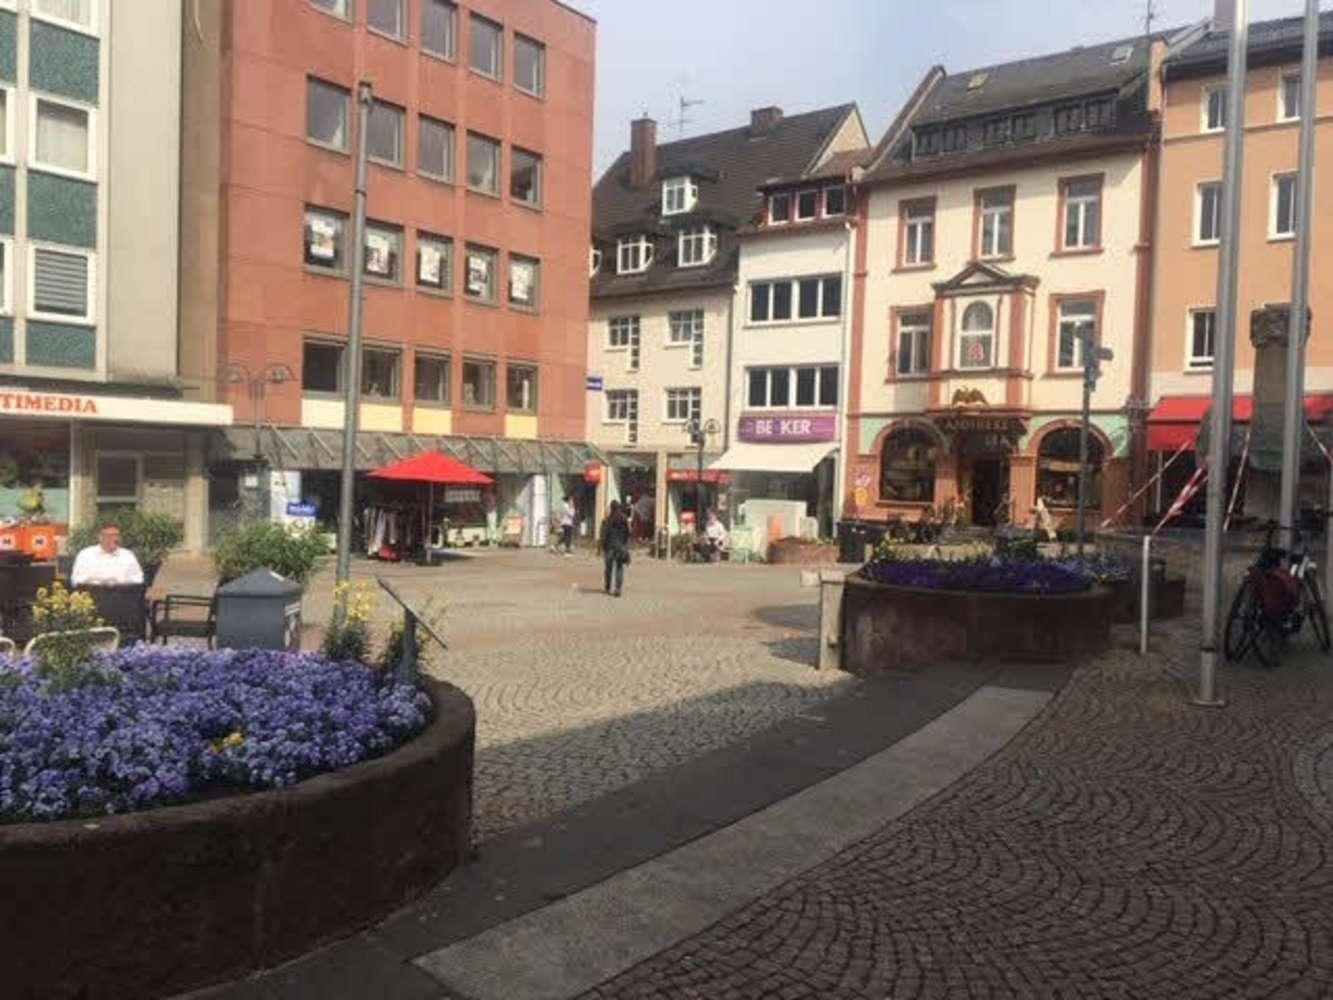 Ladenflächen Bingen am rhein, 55411 - Ladenfläche - Bingen am Rhein, Bingen - E0919 - 10583891